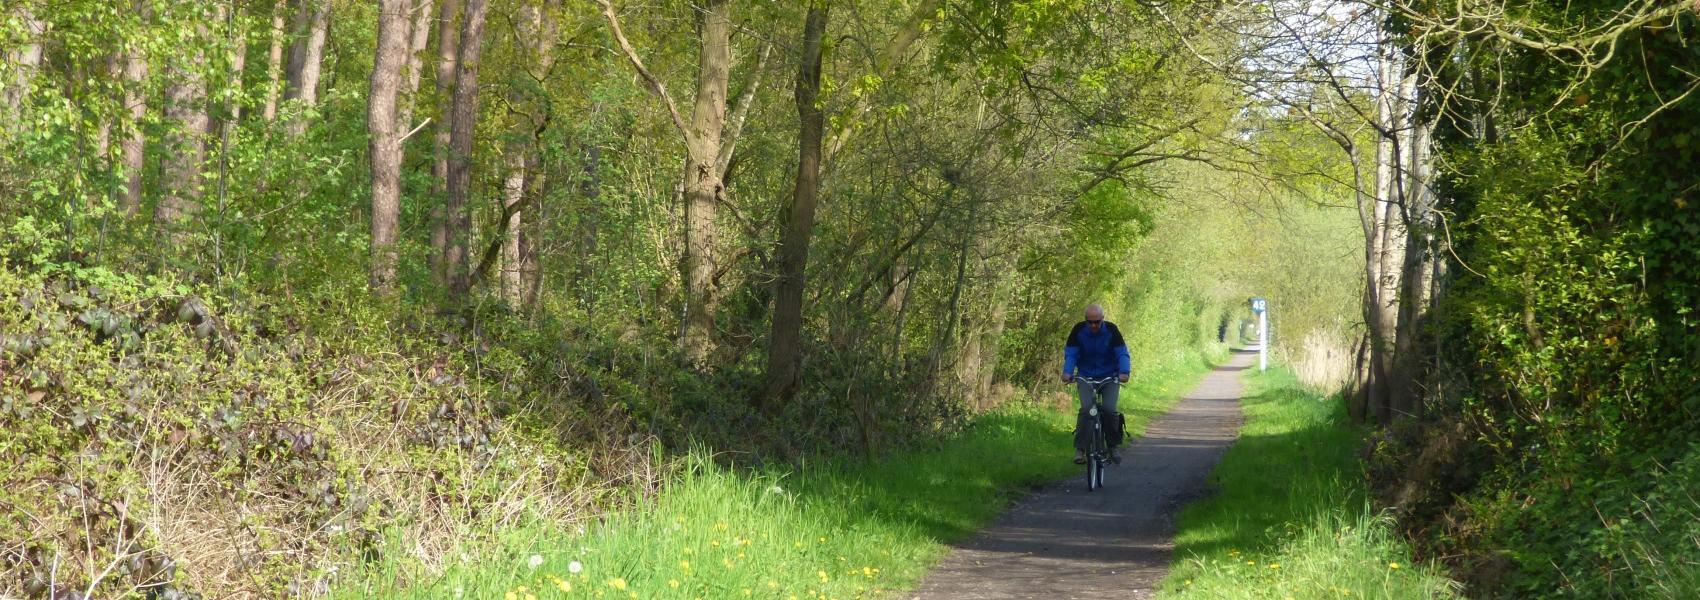 fietser in een dreef